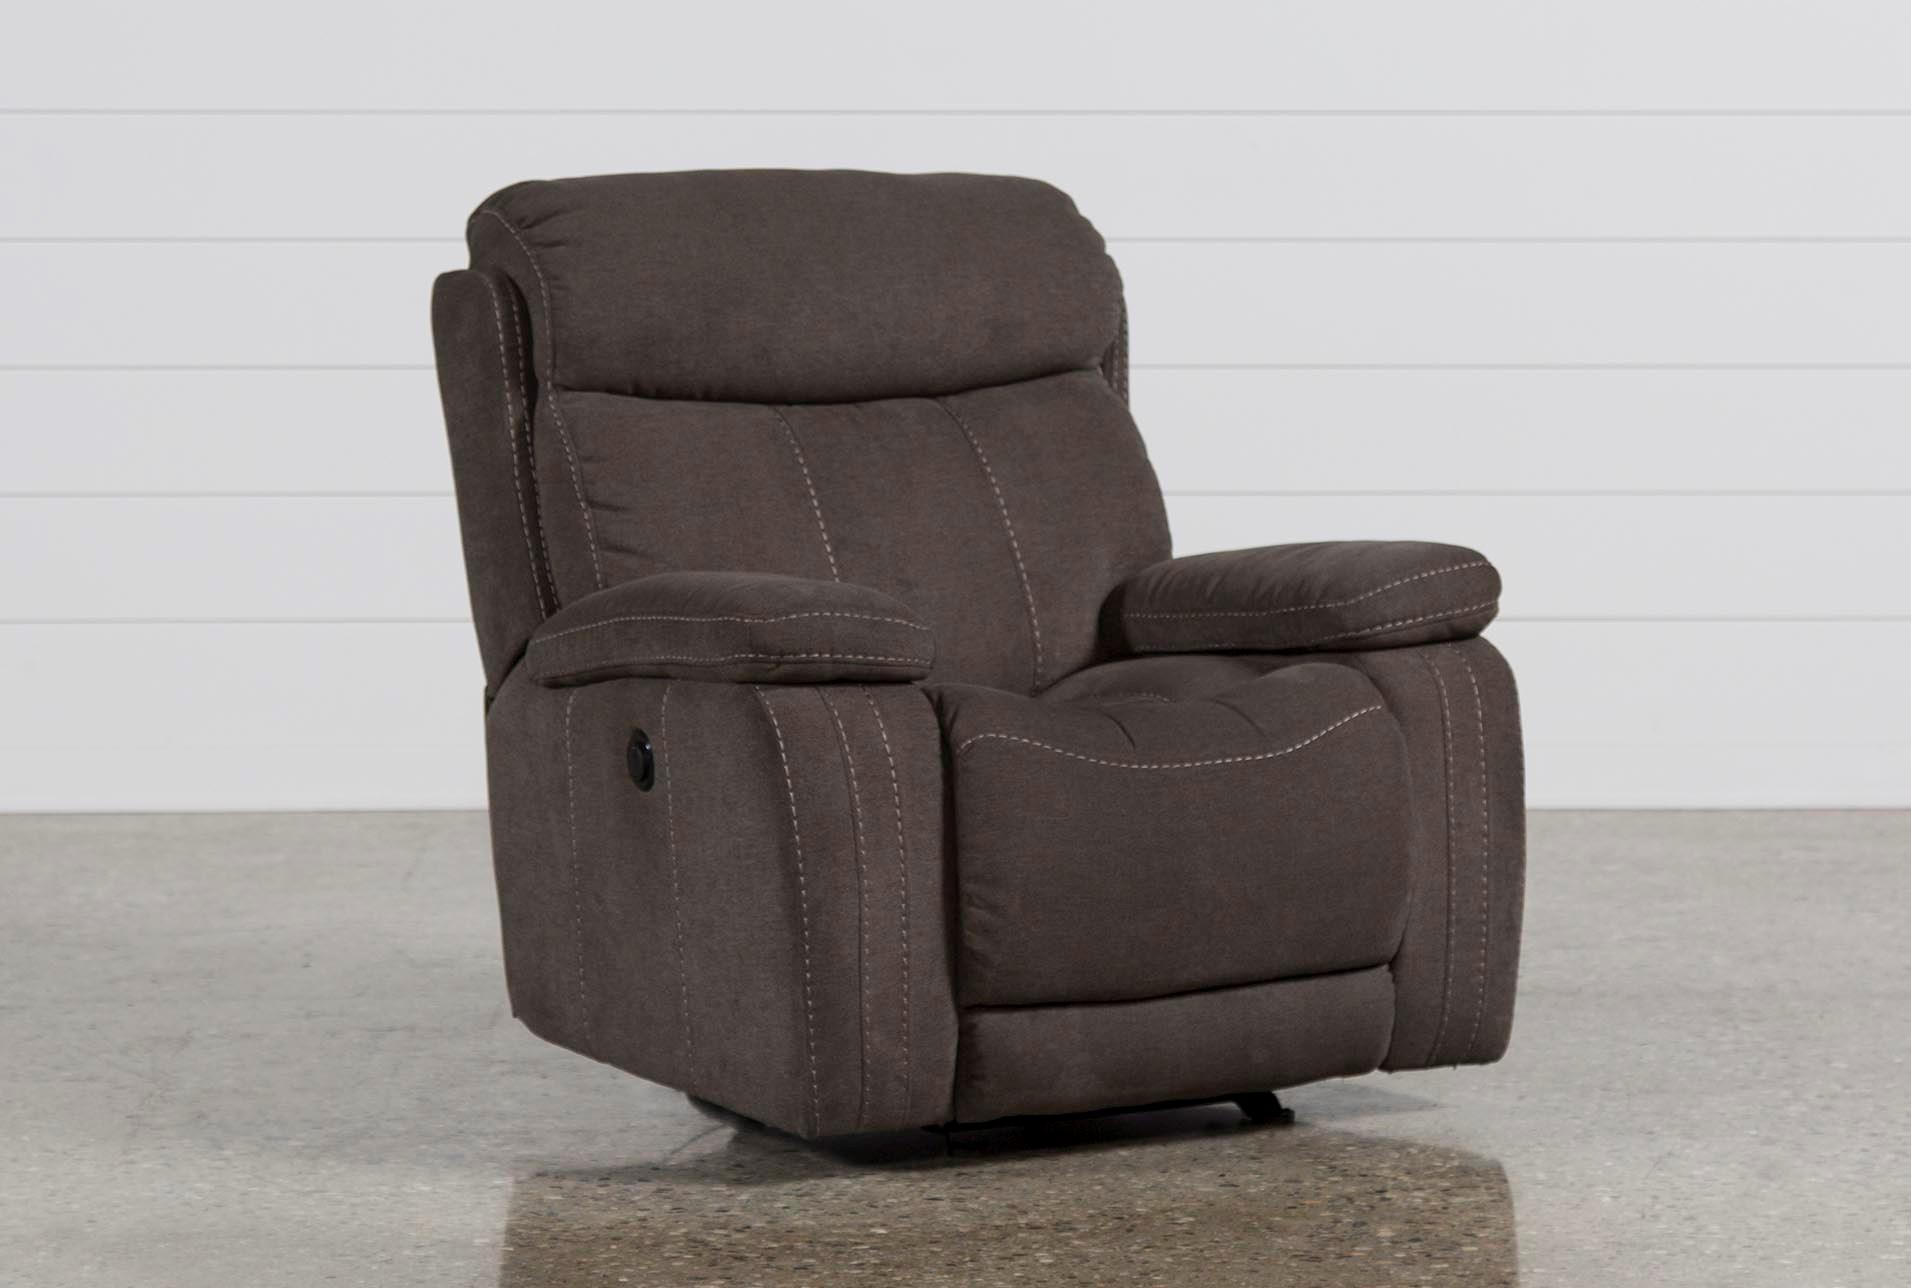 Superb Colt Power Glider Recliner Alphanode Cool Chair Designs And Ideas Alphanodeonline